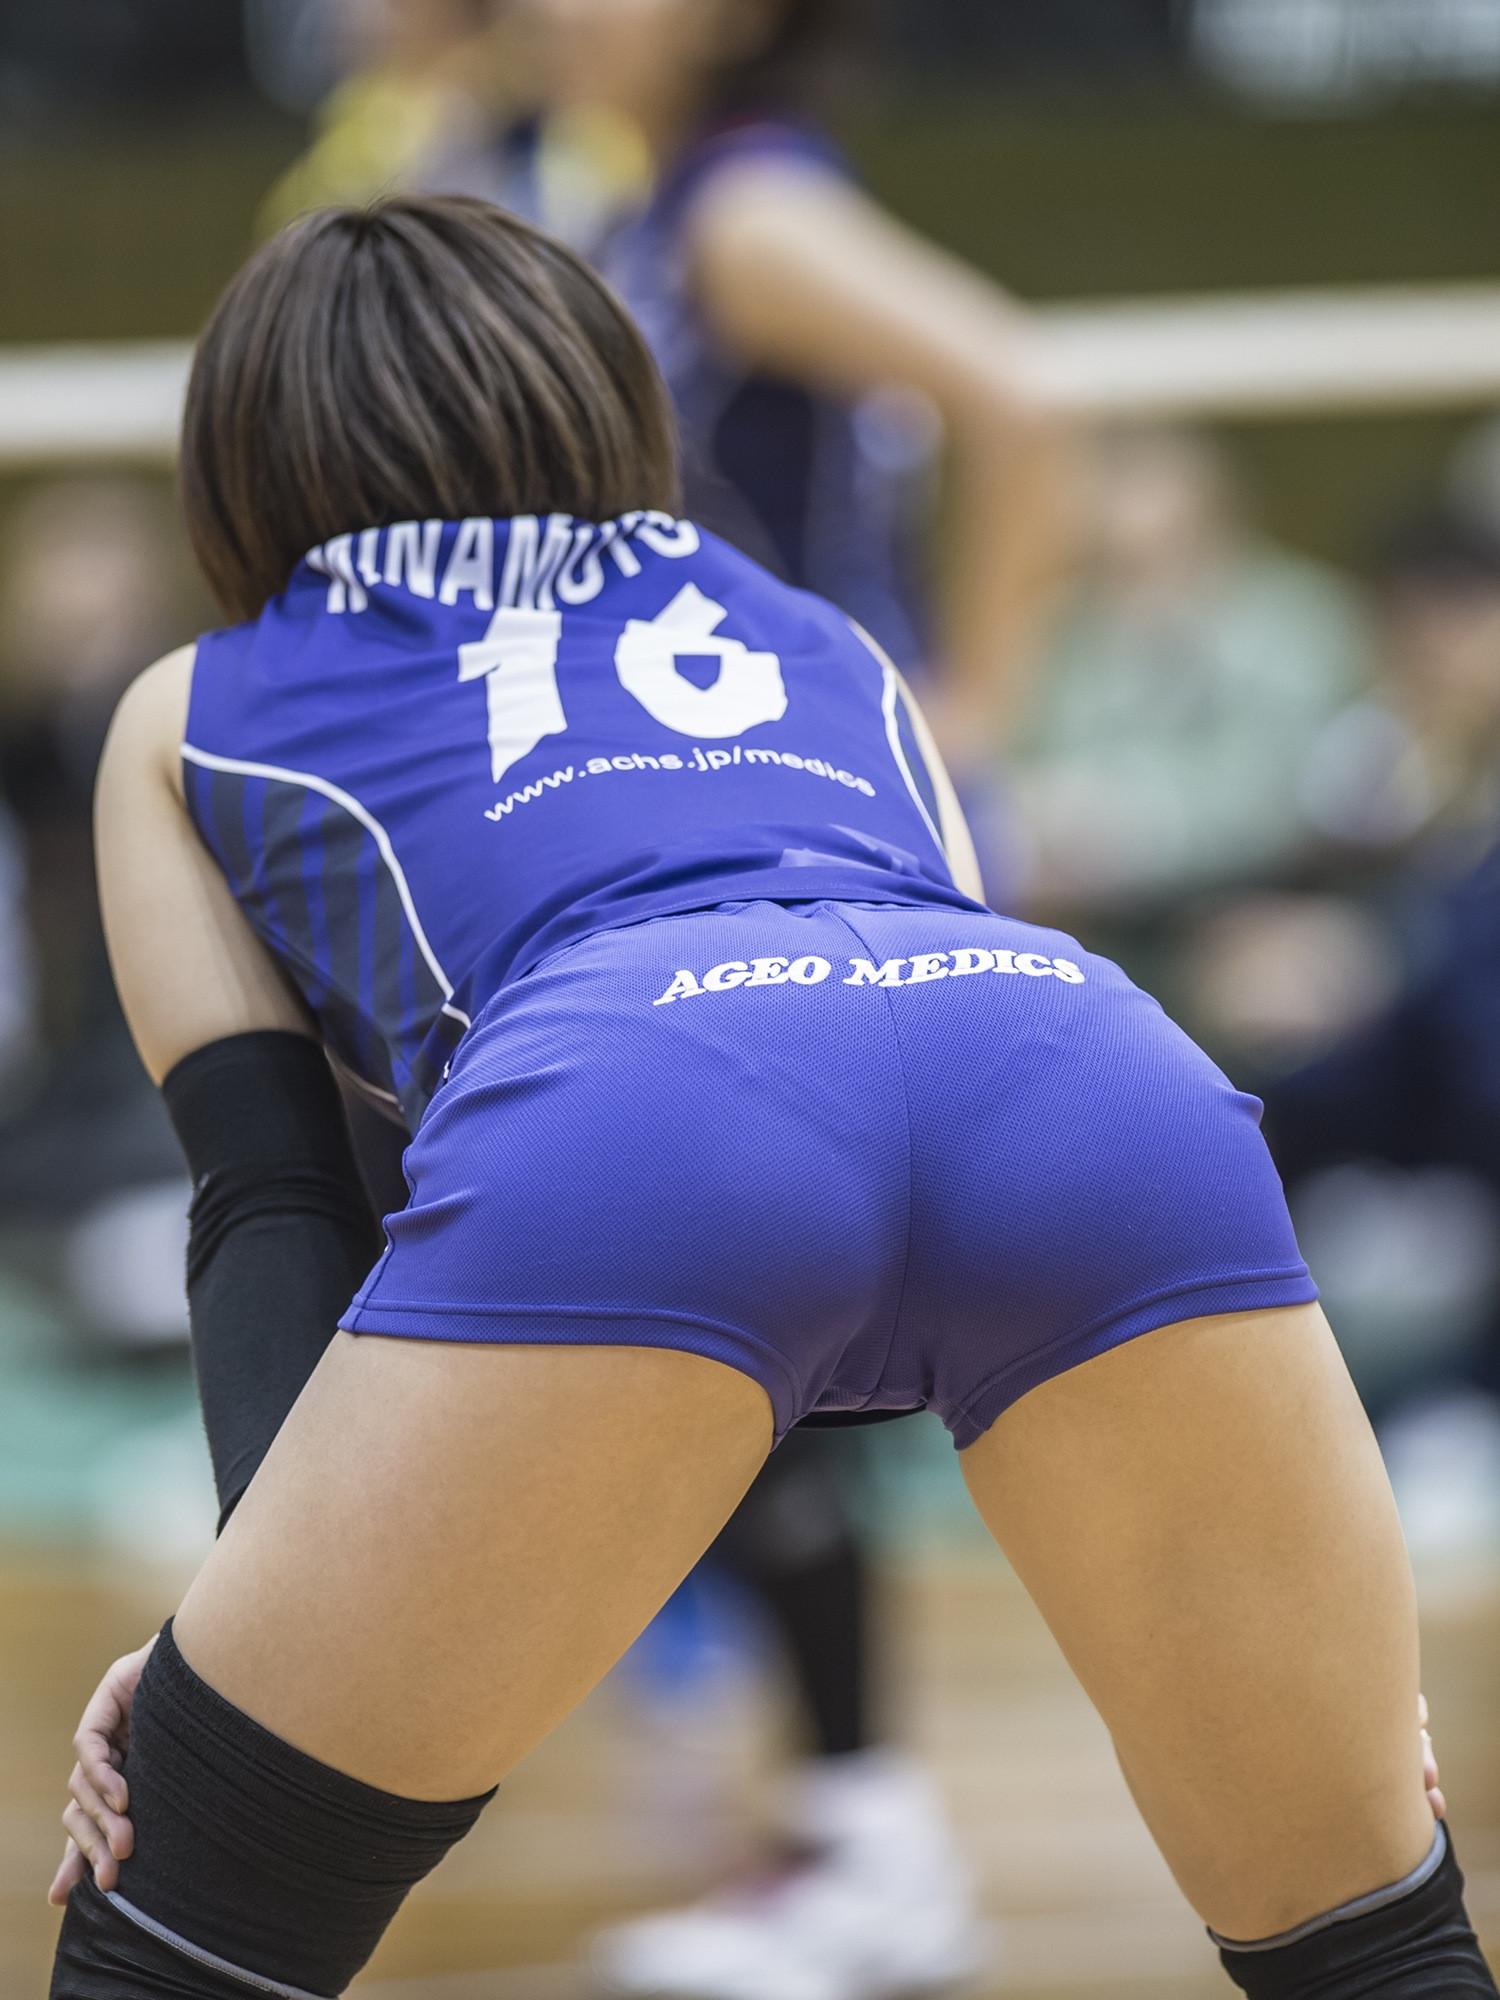 エロい視線で女子バレー選手の巨乳おっぱいやお尻を眺めるエロ画像 304